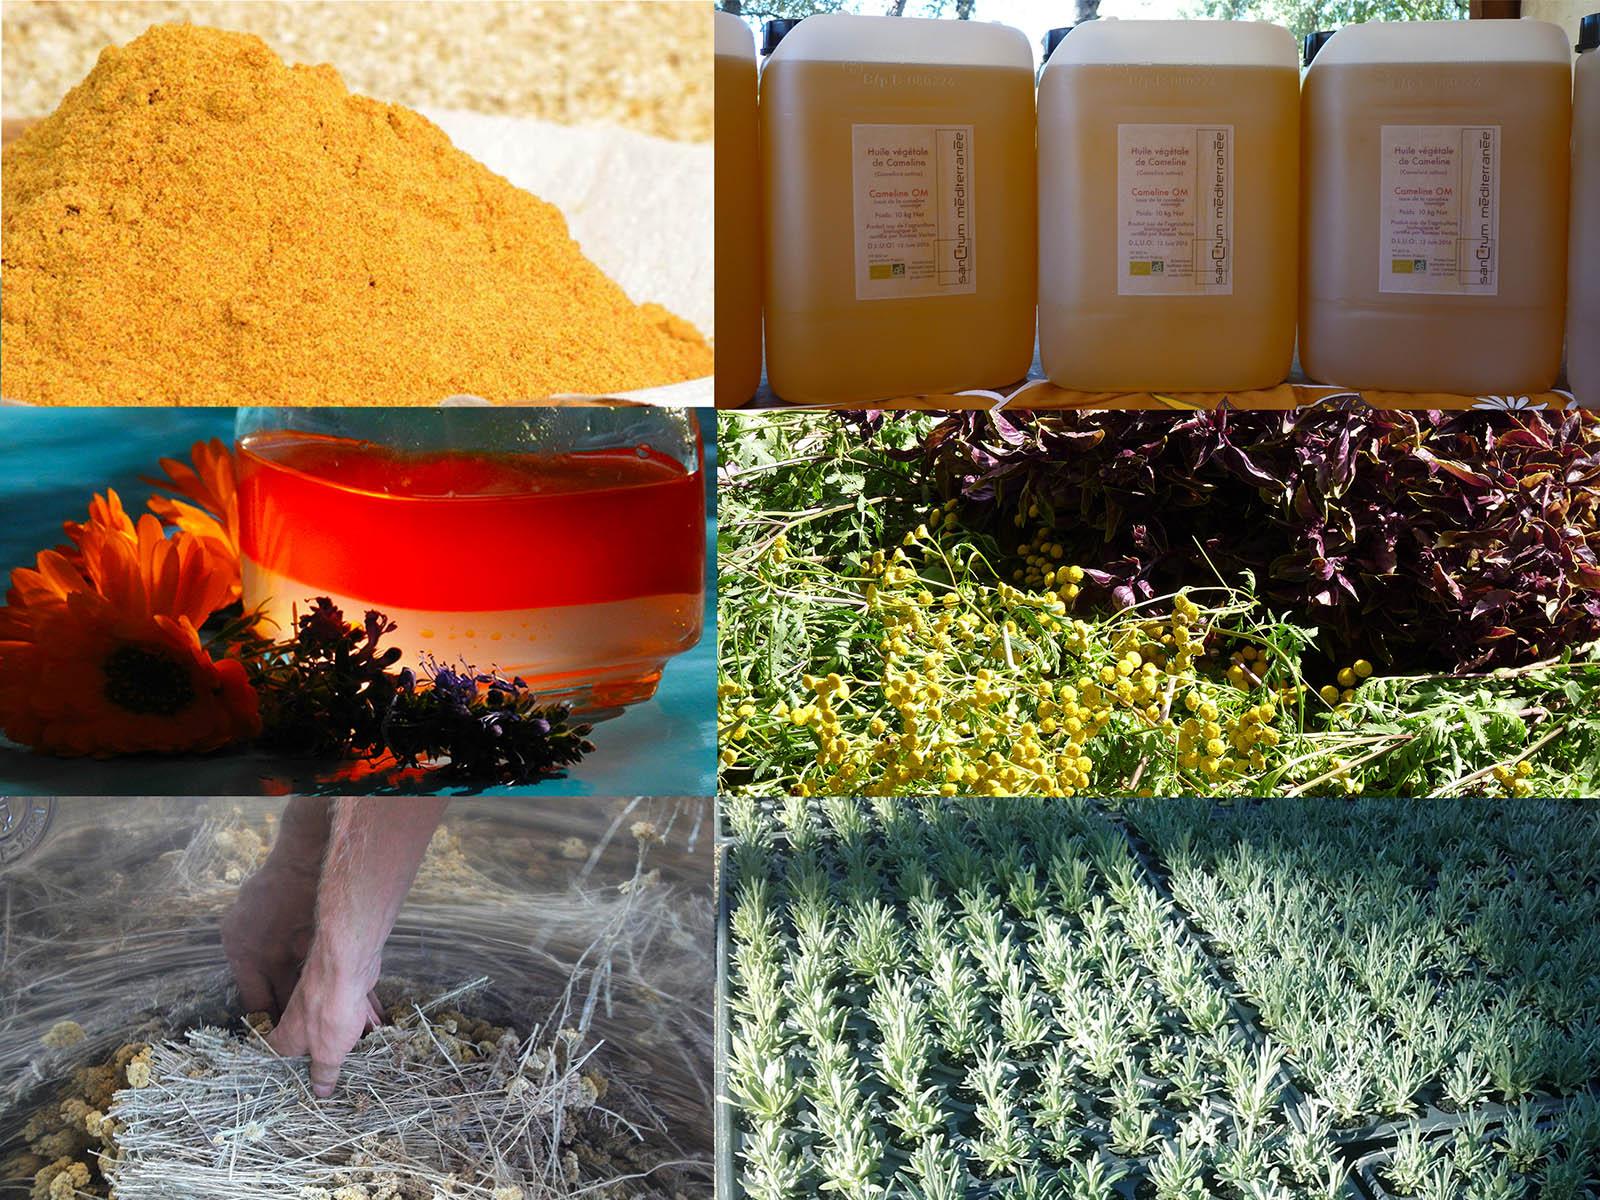 exemples de produits proposés par sanCtum méditerranée : plans, semences, farines, huiles